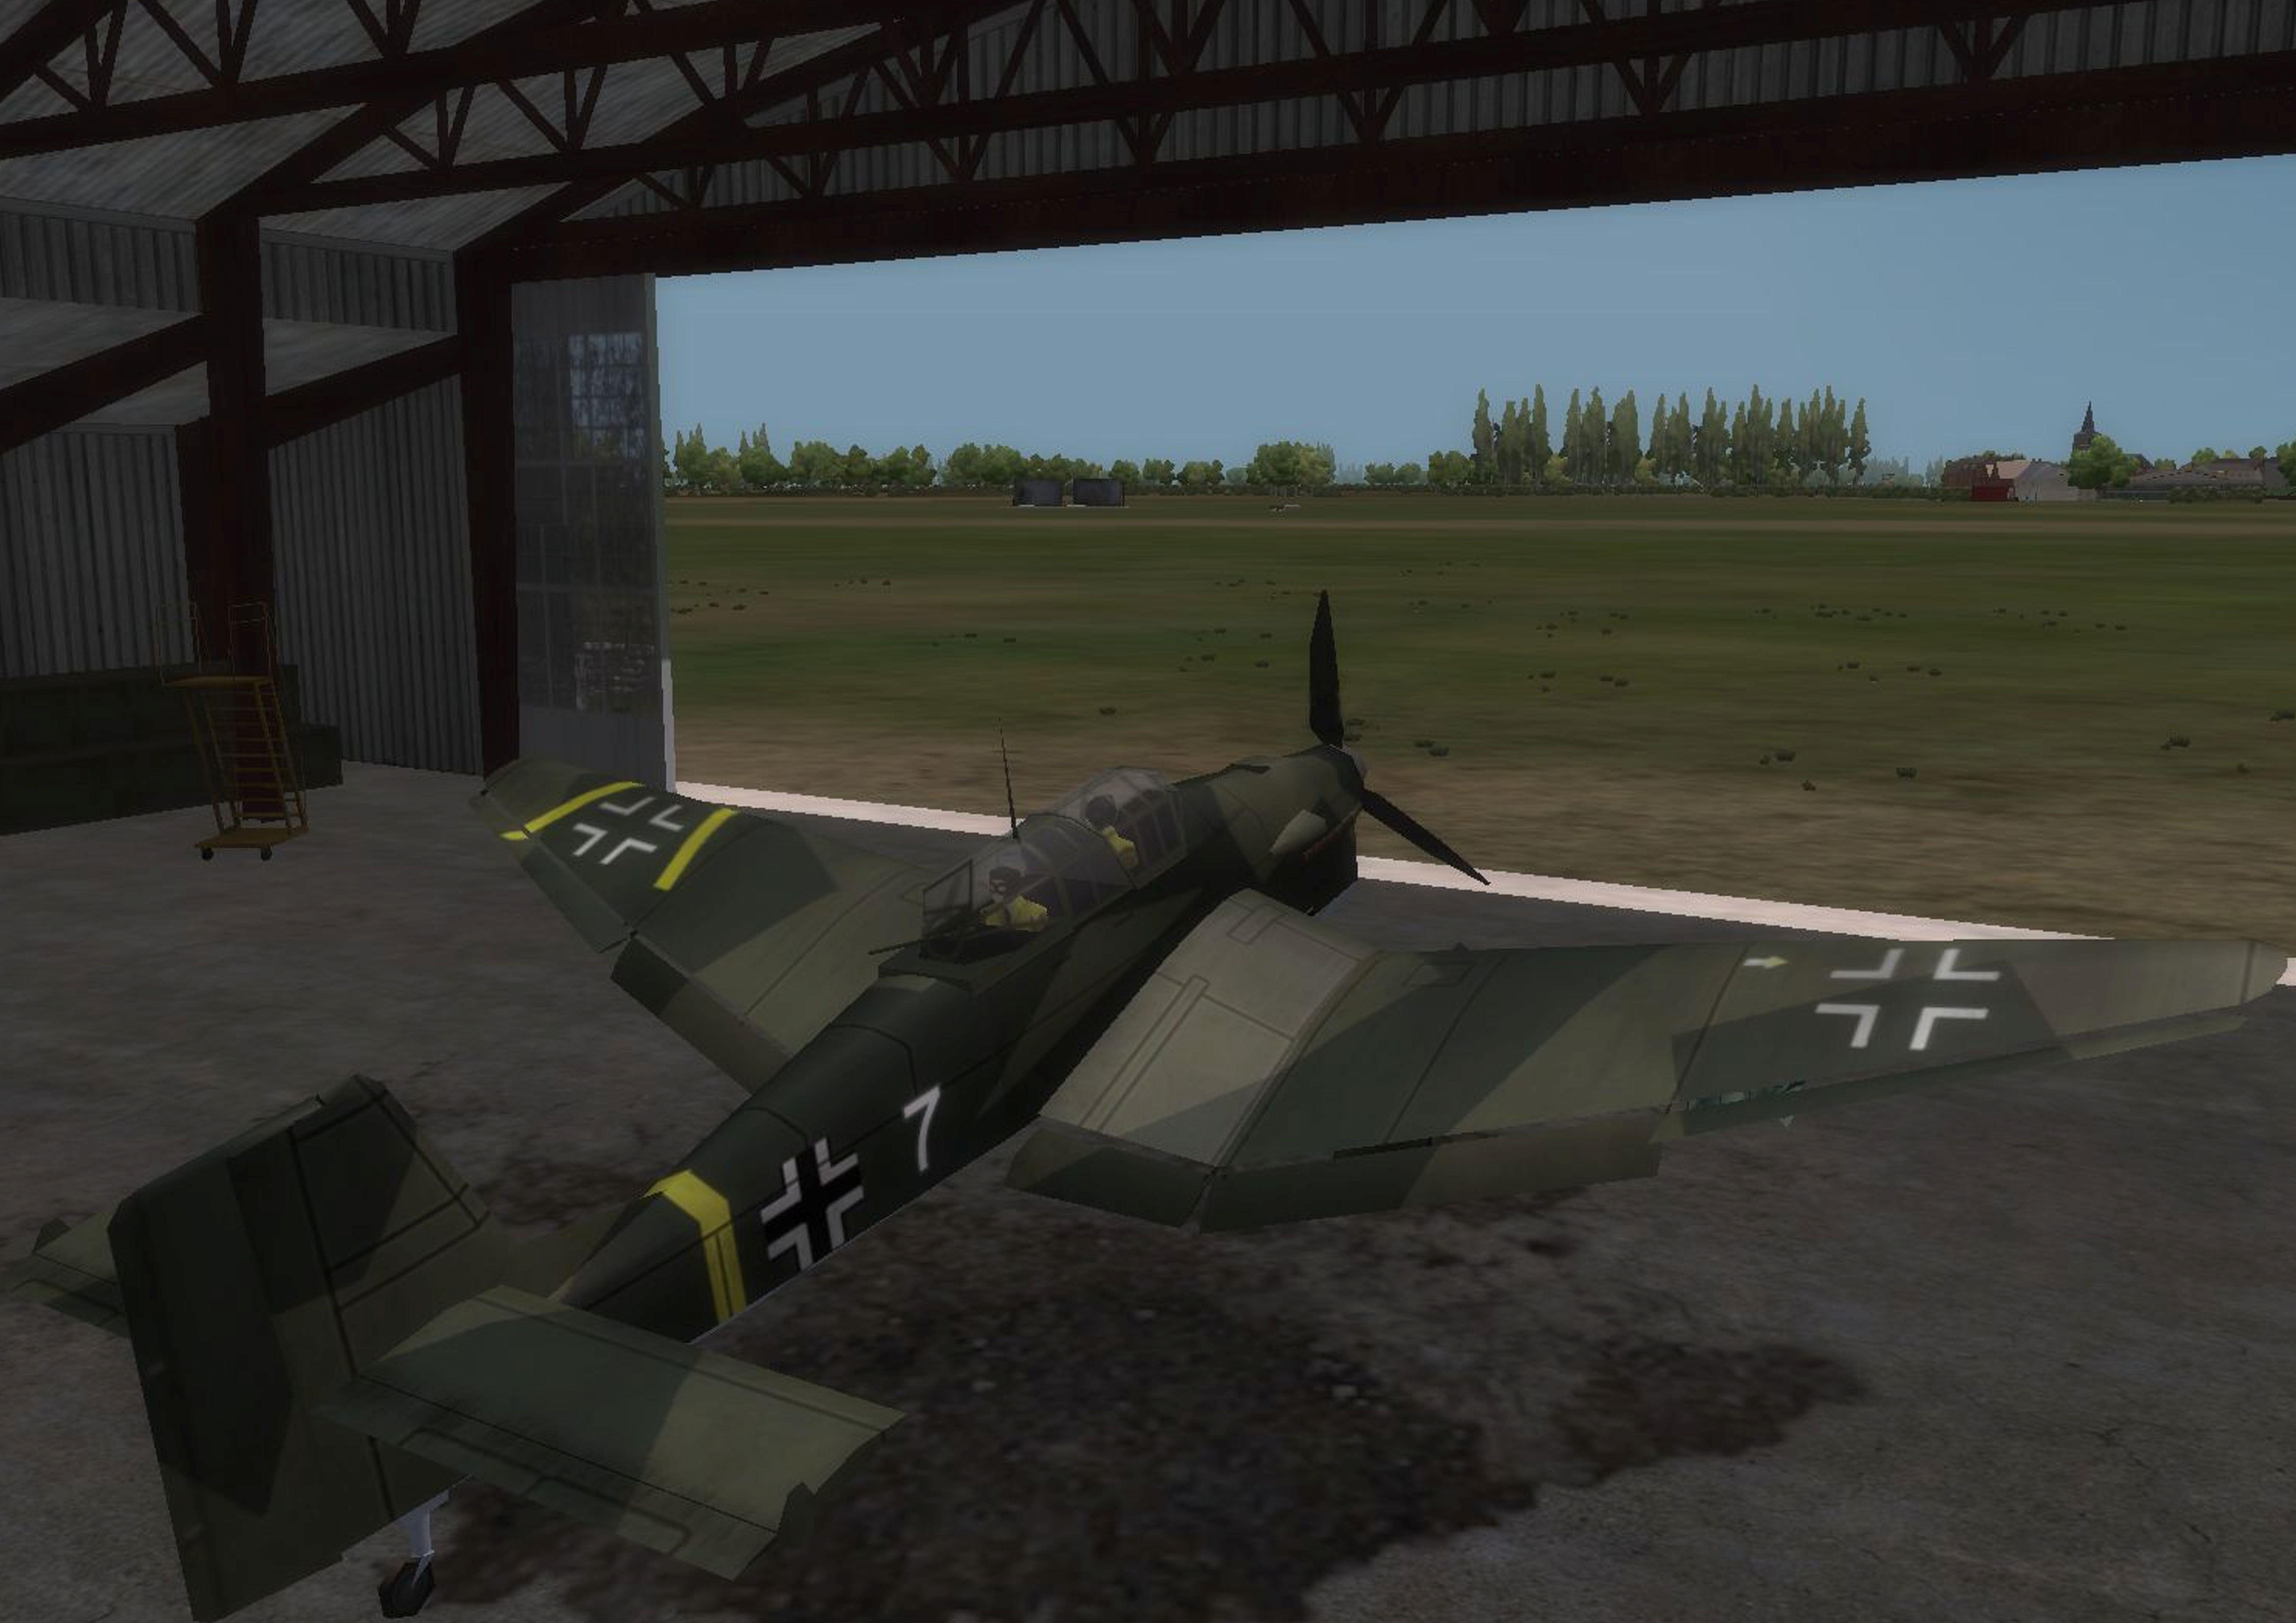 StukaA2.jpg